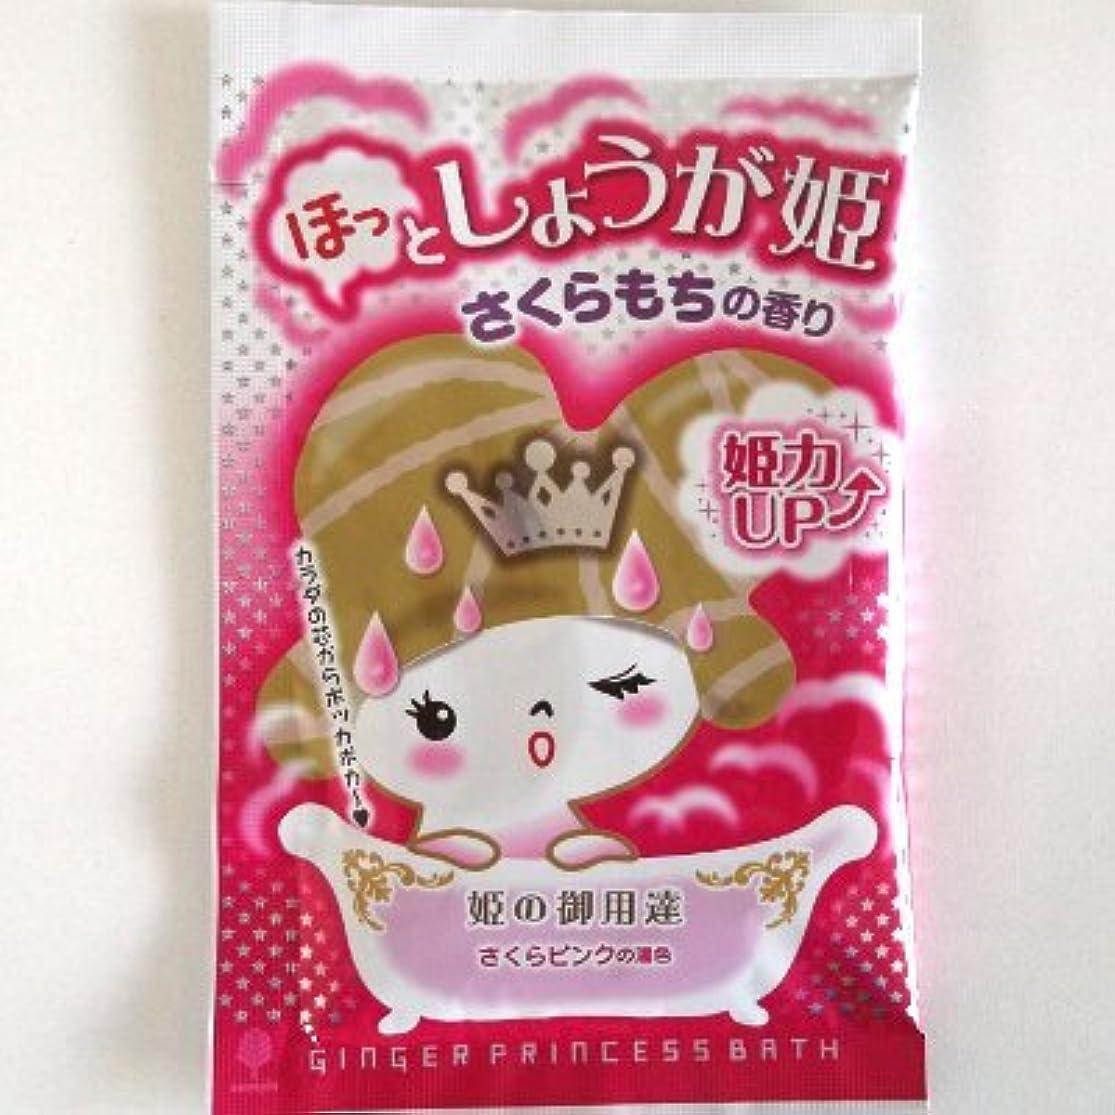 飢え激しい受ける紀陽除虫菊 ほっとしょうが姫 さくらもちの香り【まとめ買い12個セット】 N-8402